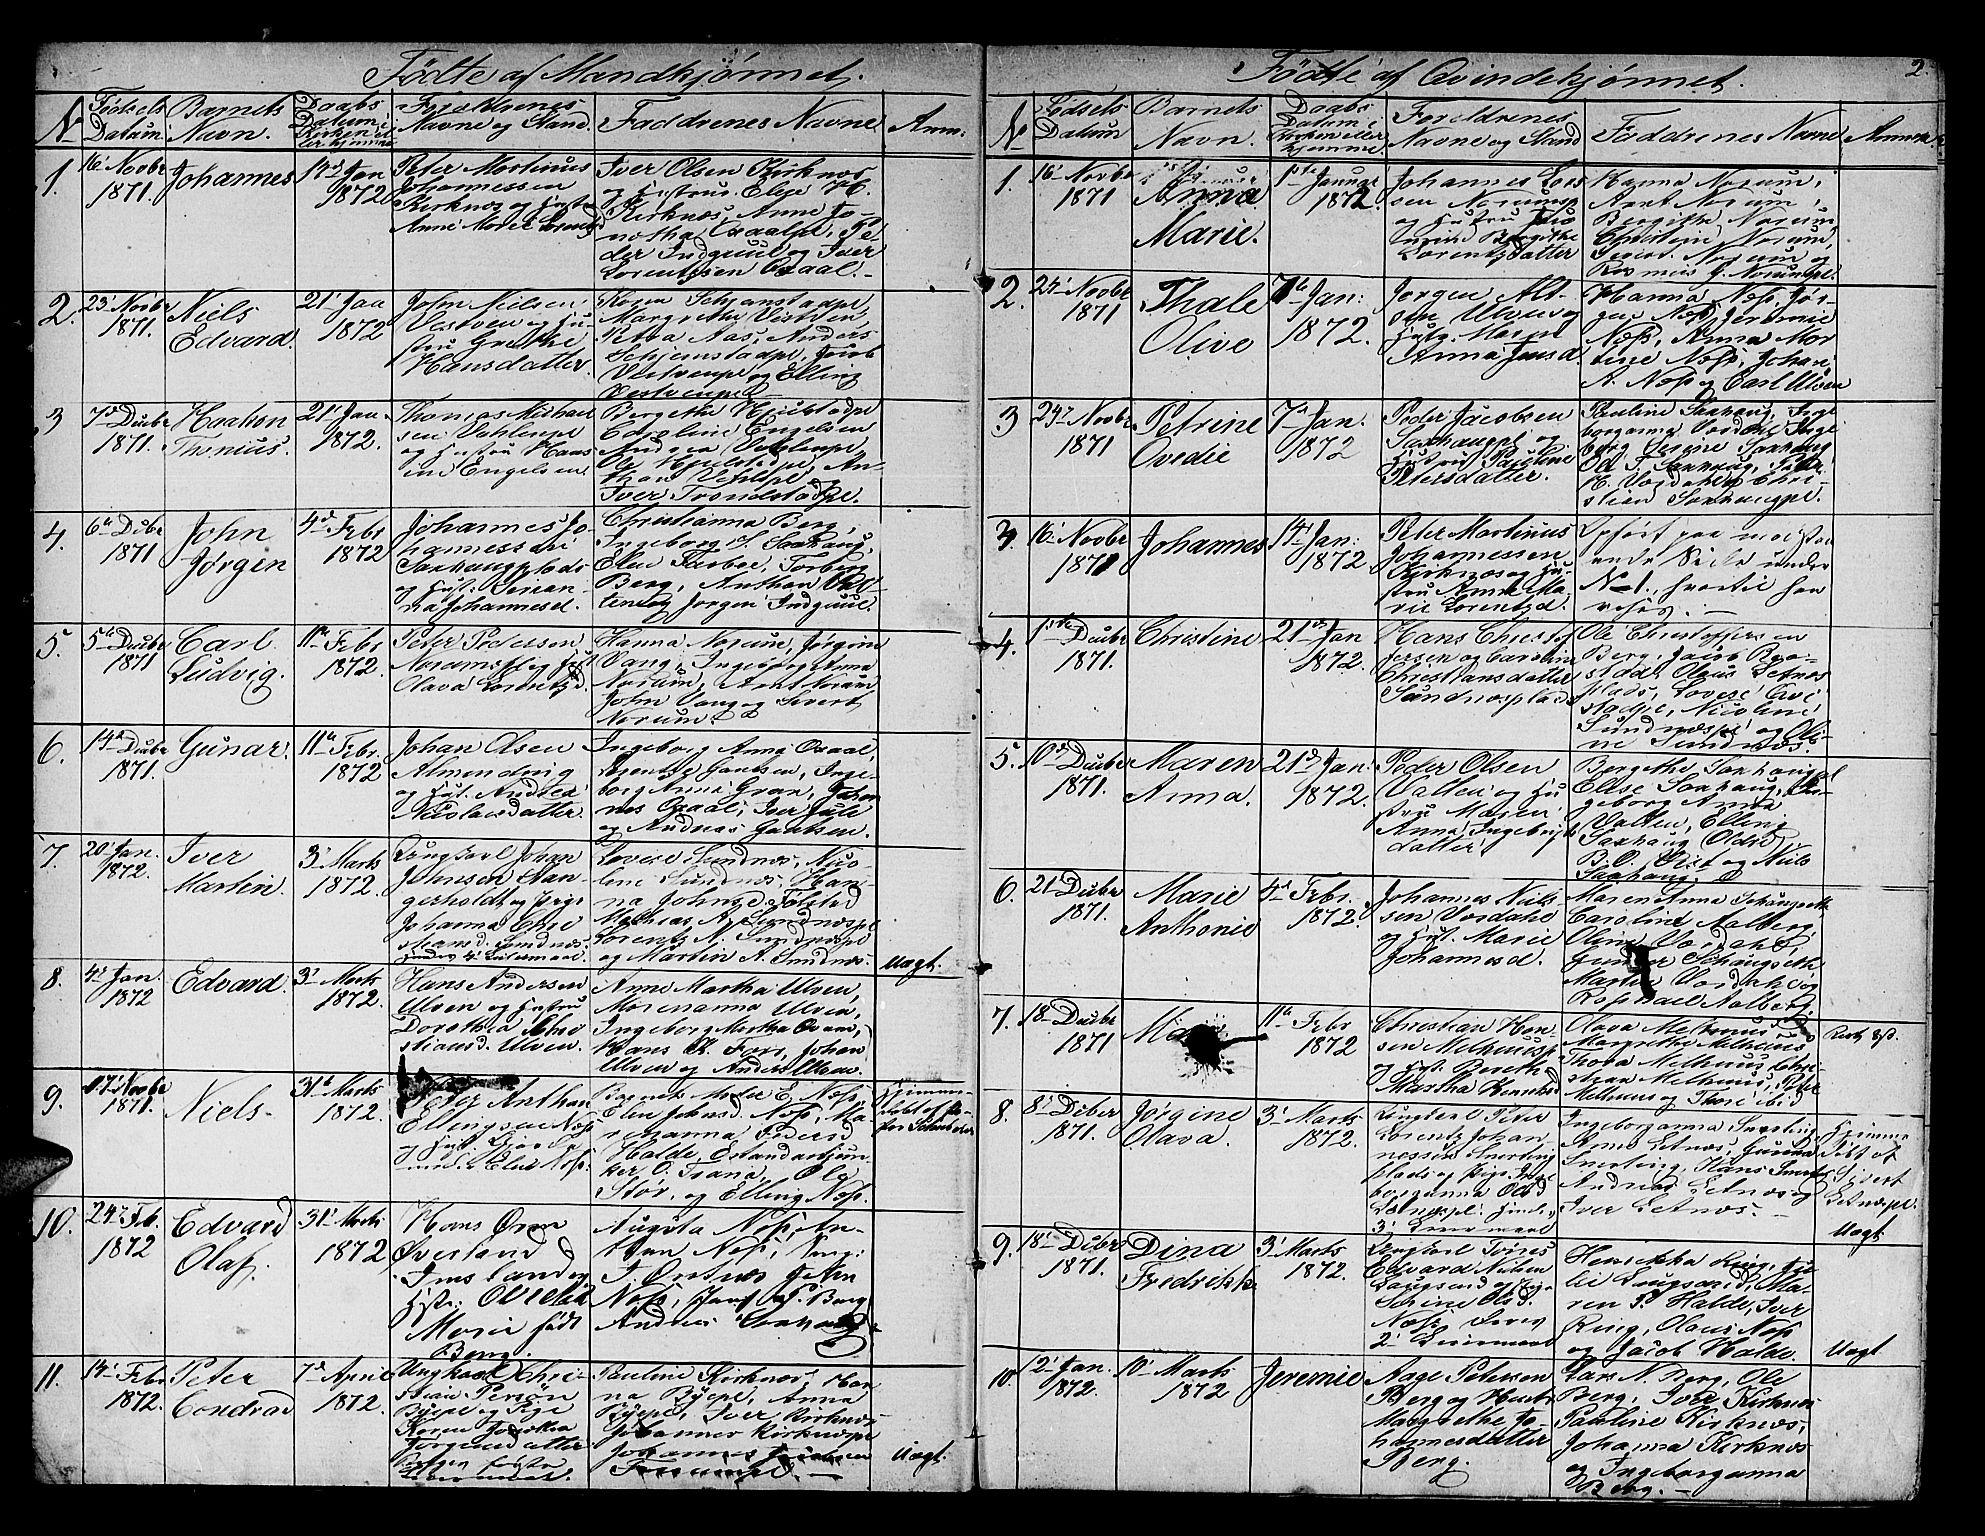 SAT, Ministerialprotokoller, klokkerbøker og fødselsregistre - Nord-Trøndelag, 730/L0300: Parish register (copy) no. 730C03, 1872-1879, p. 2